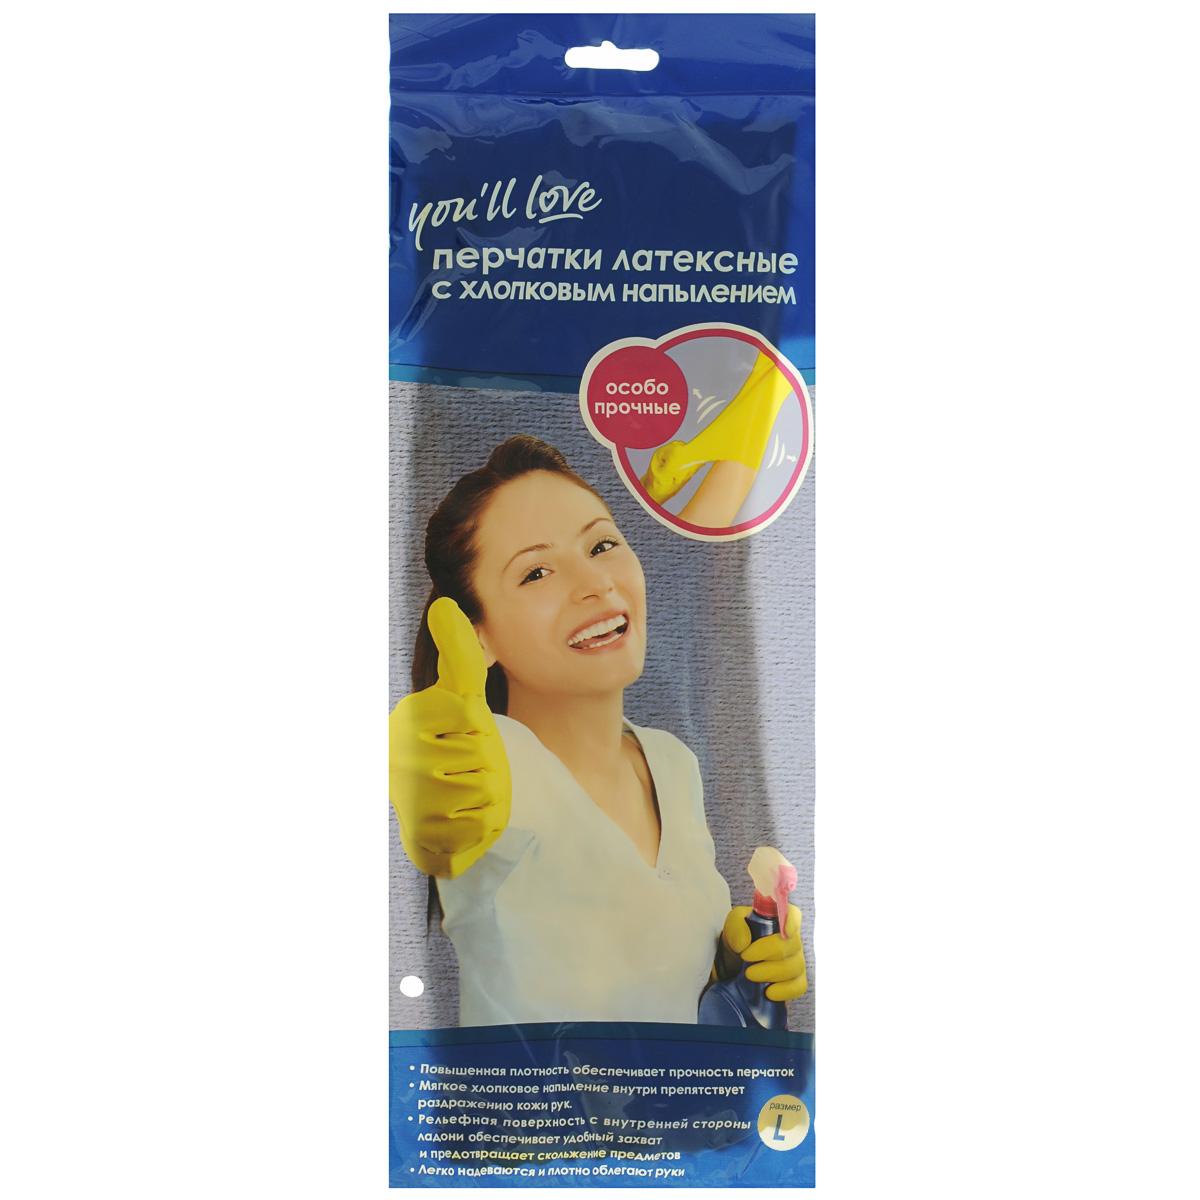 Перчатки латексные You'll love, особо прочные. Размер L перчатки латексные ароматизированные you ll love аромат апельсина размер m